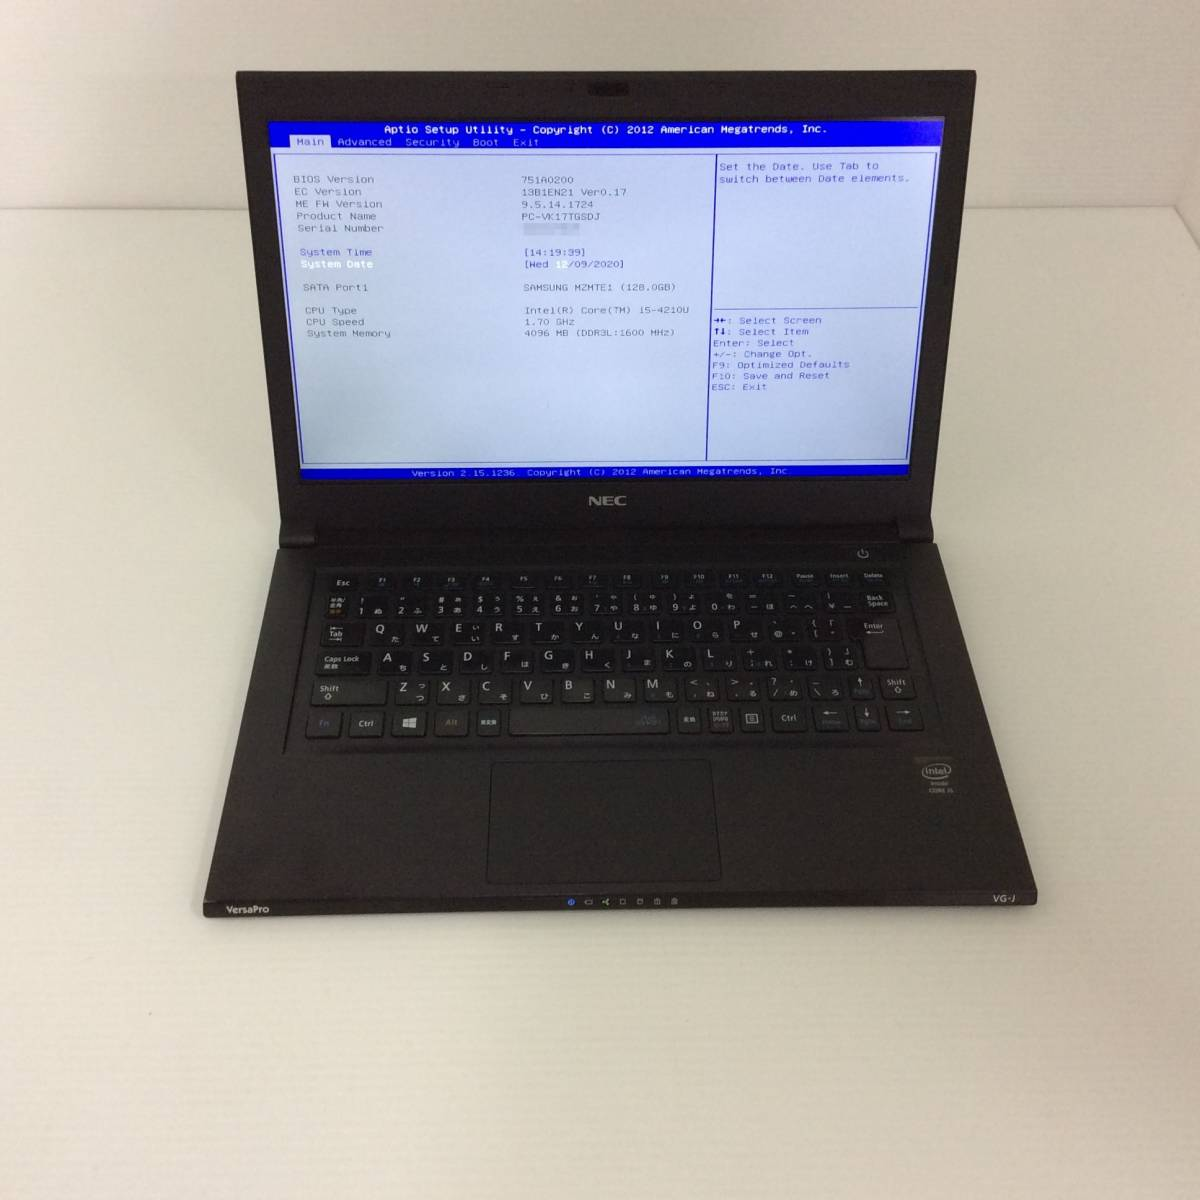 NEC Versa Pro PC-VK17TGSDJ / Intel Core i5-4210U 1.70GHz / 4GB / 128GB R326_画像7